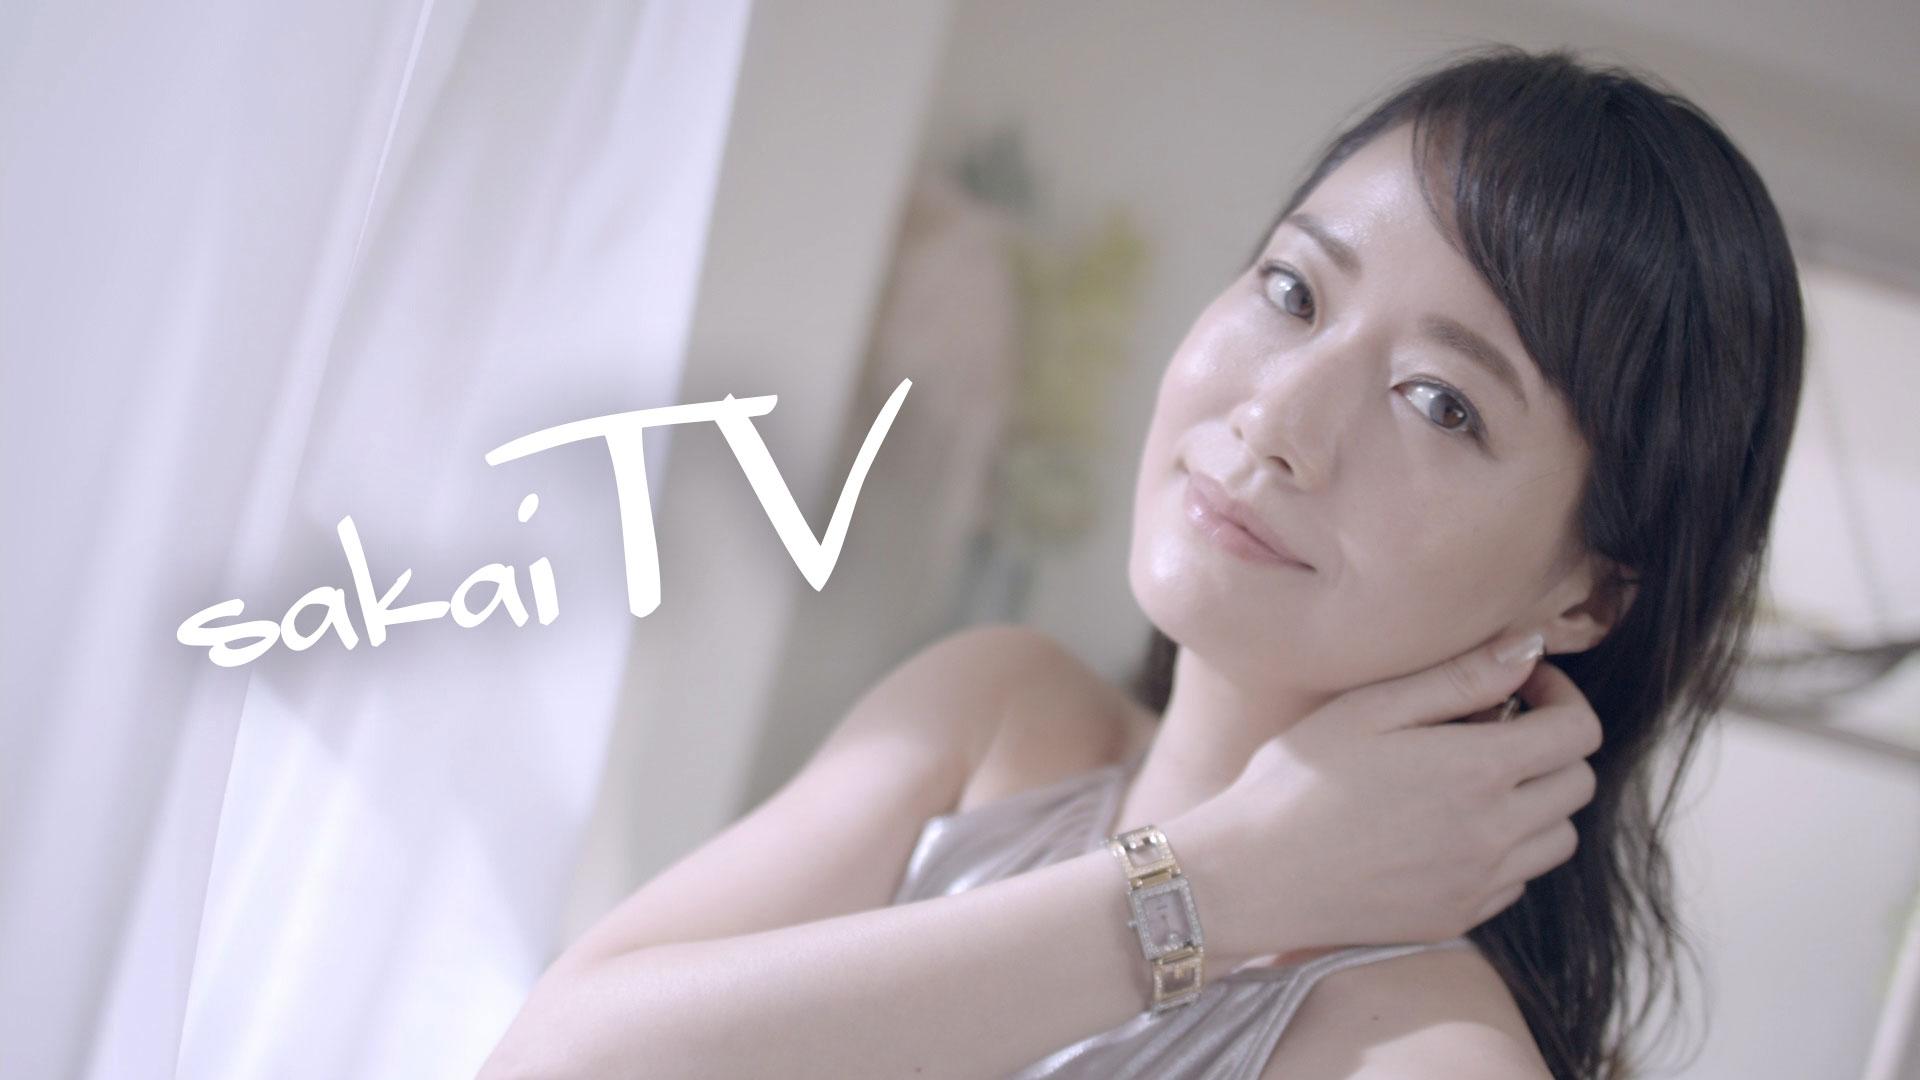 「美の法則」女性を美しく撮る極意 メイク篇